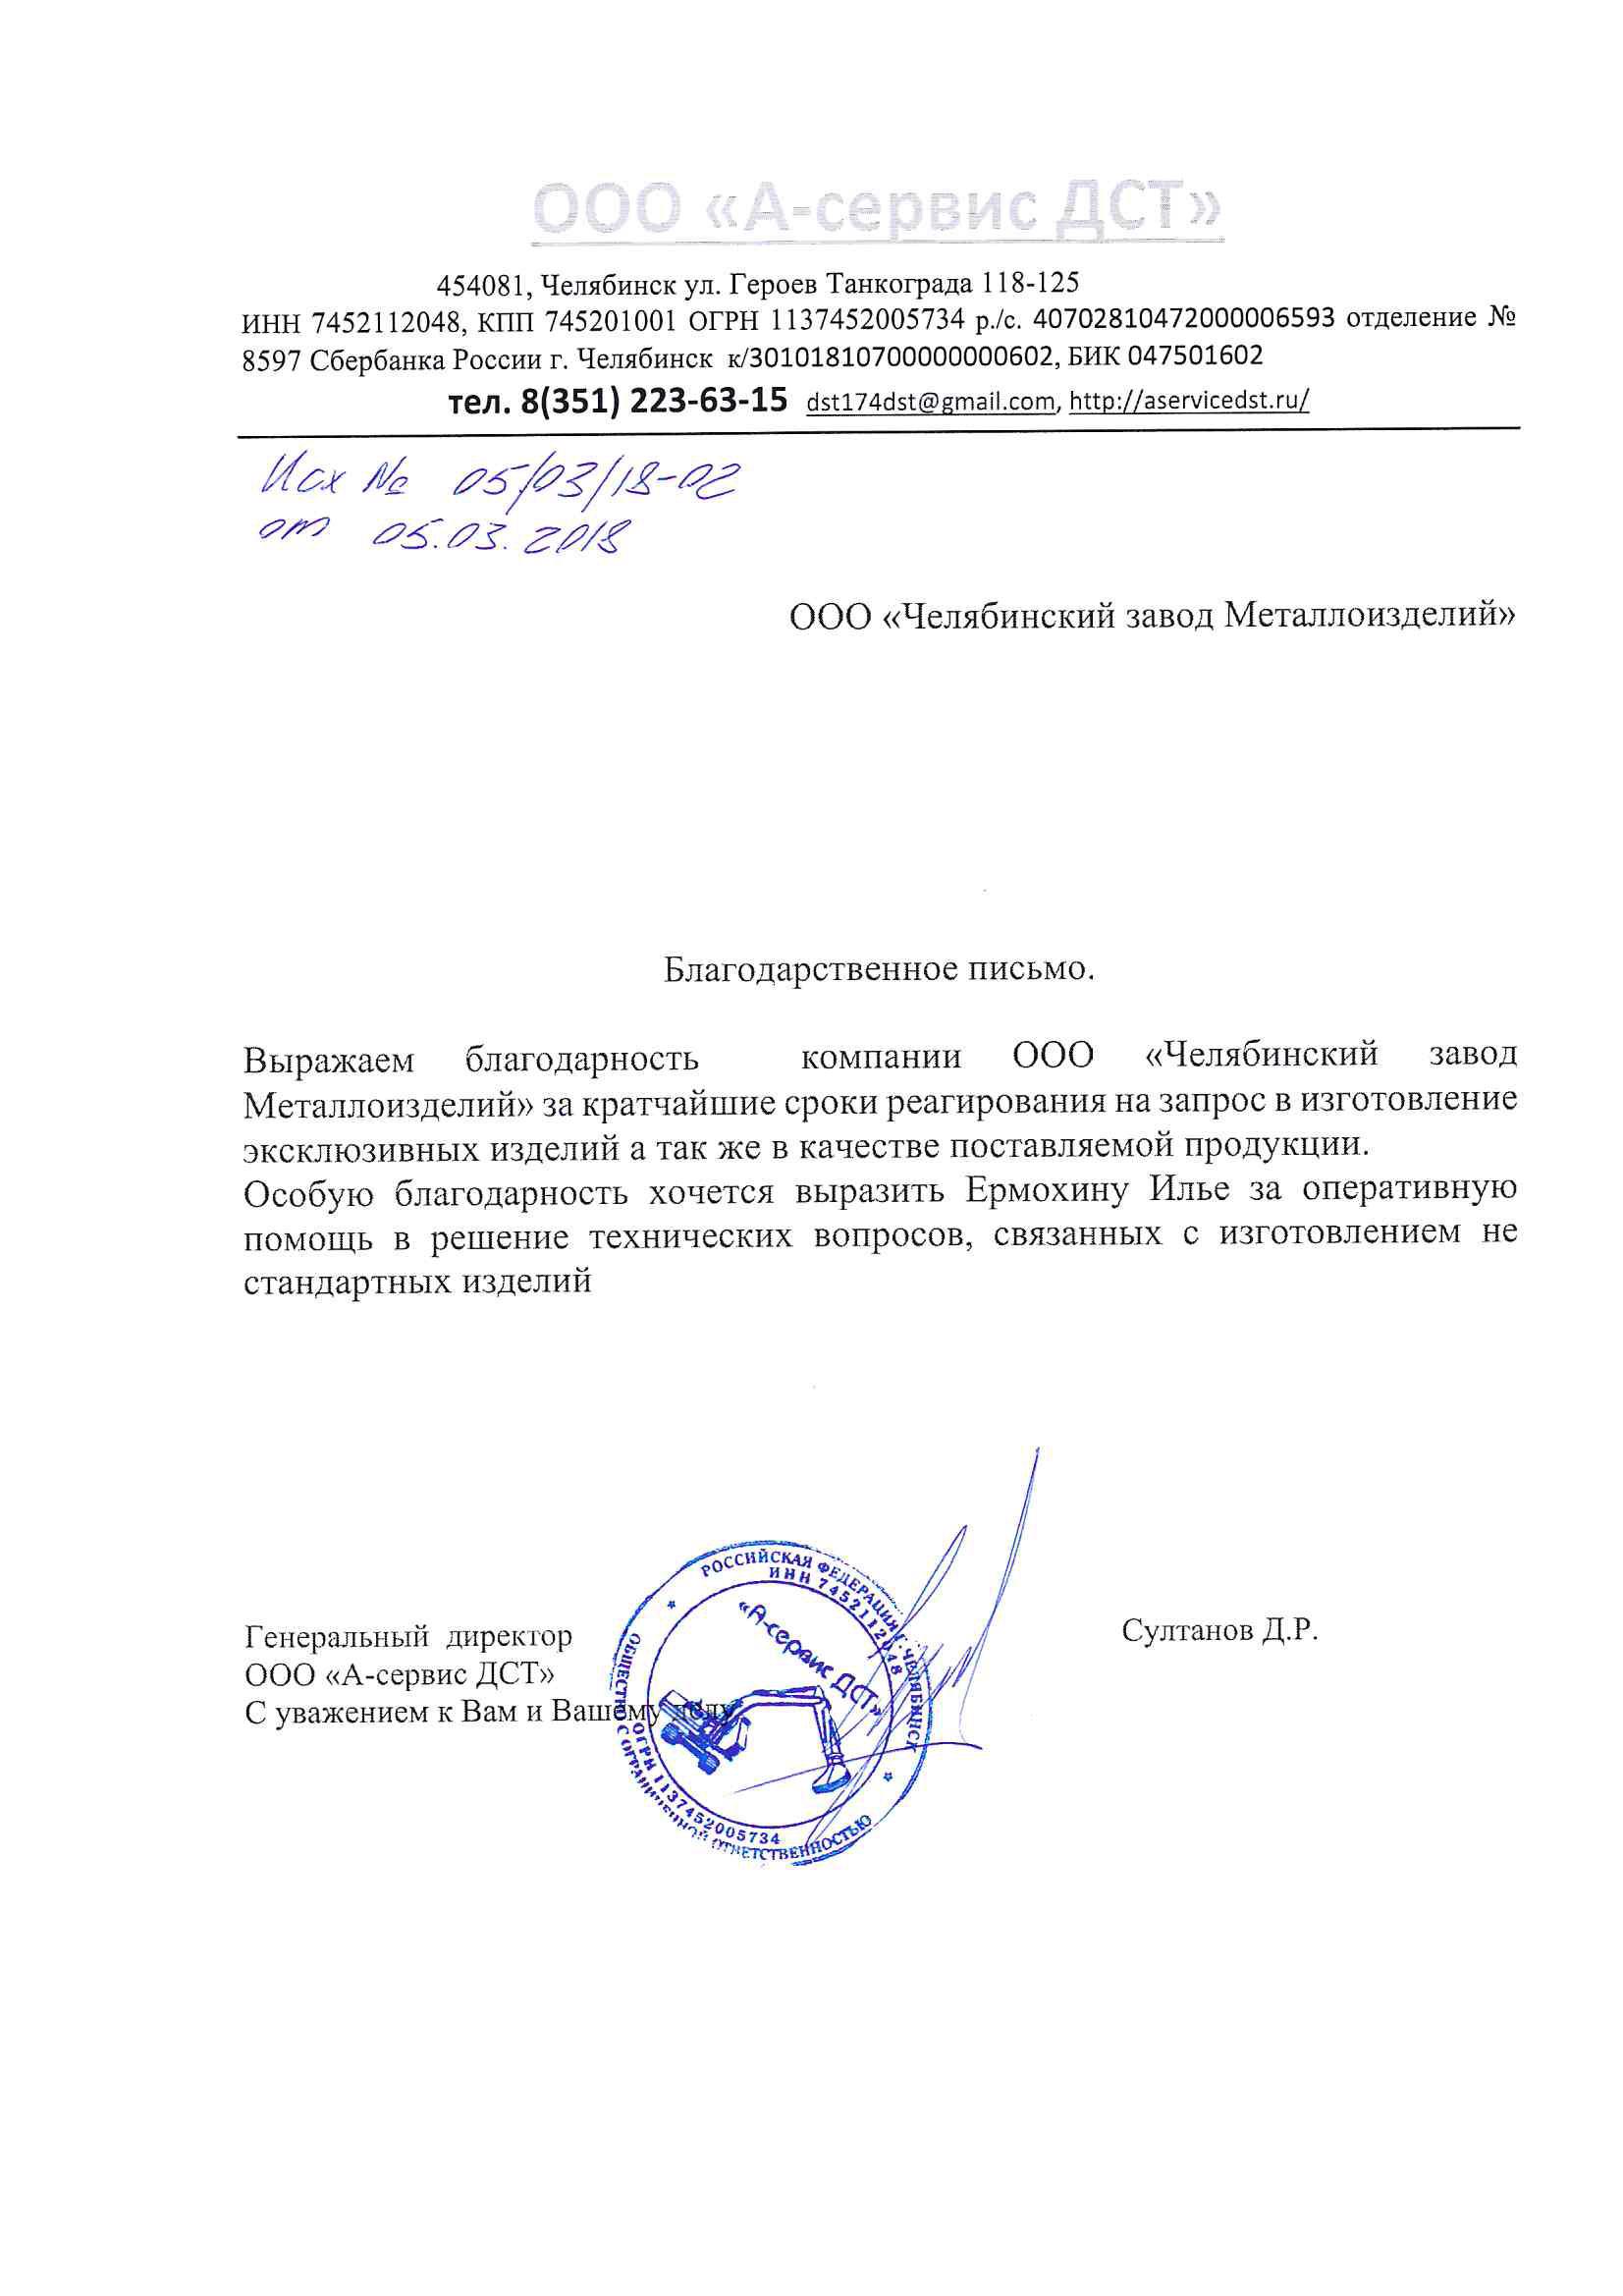 ООО-А-сервис-ДСТ